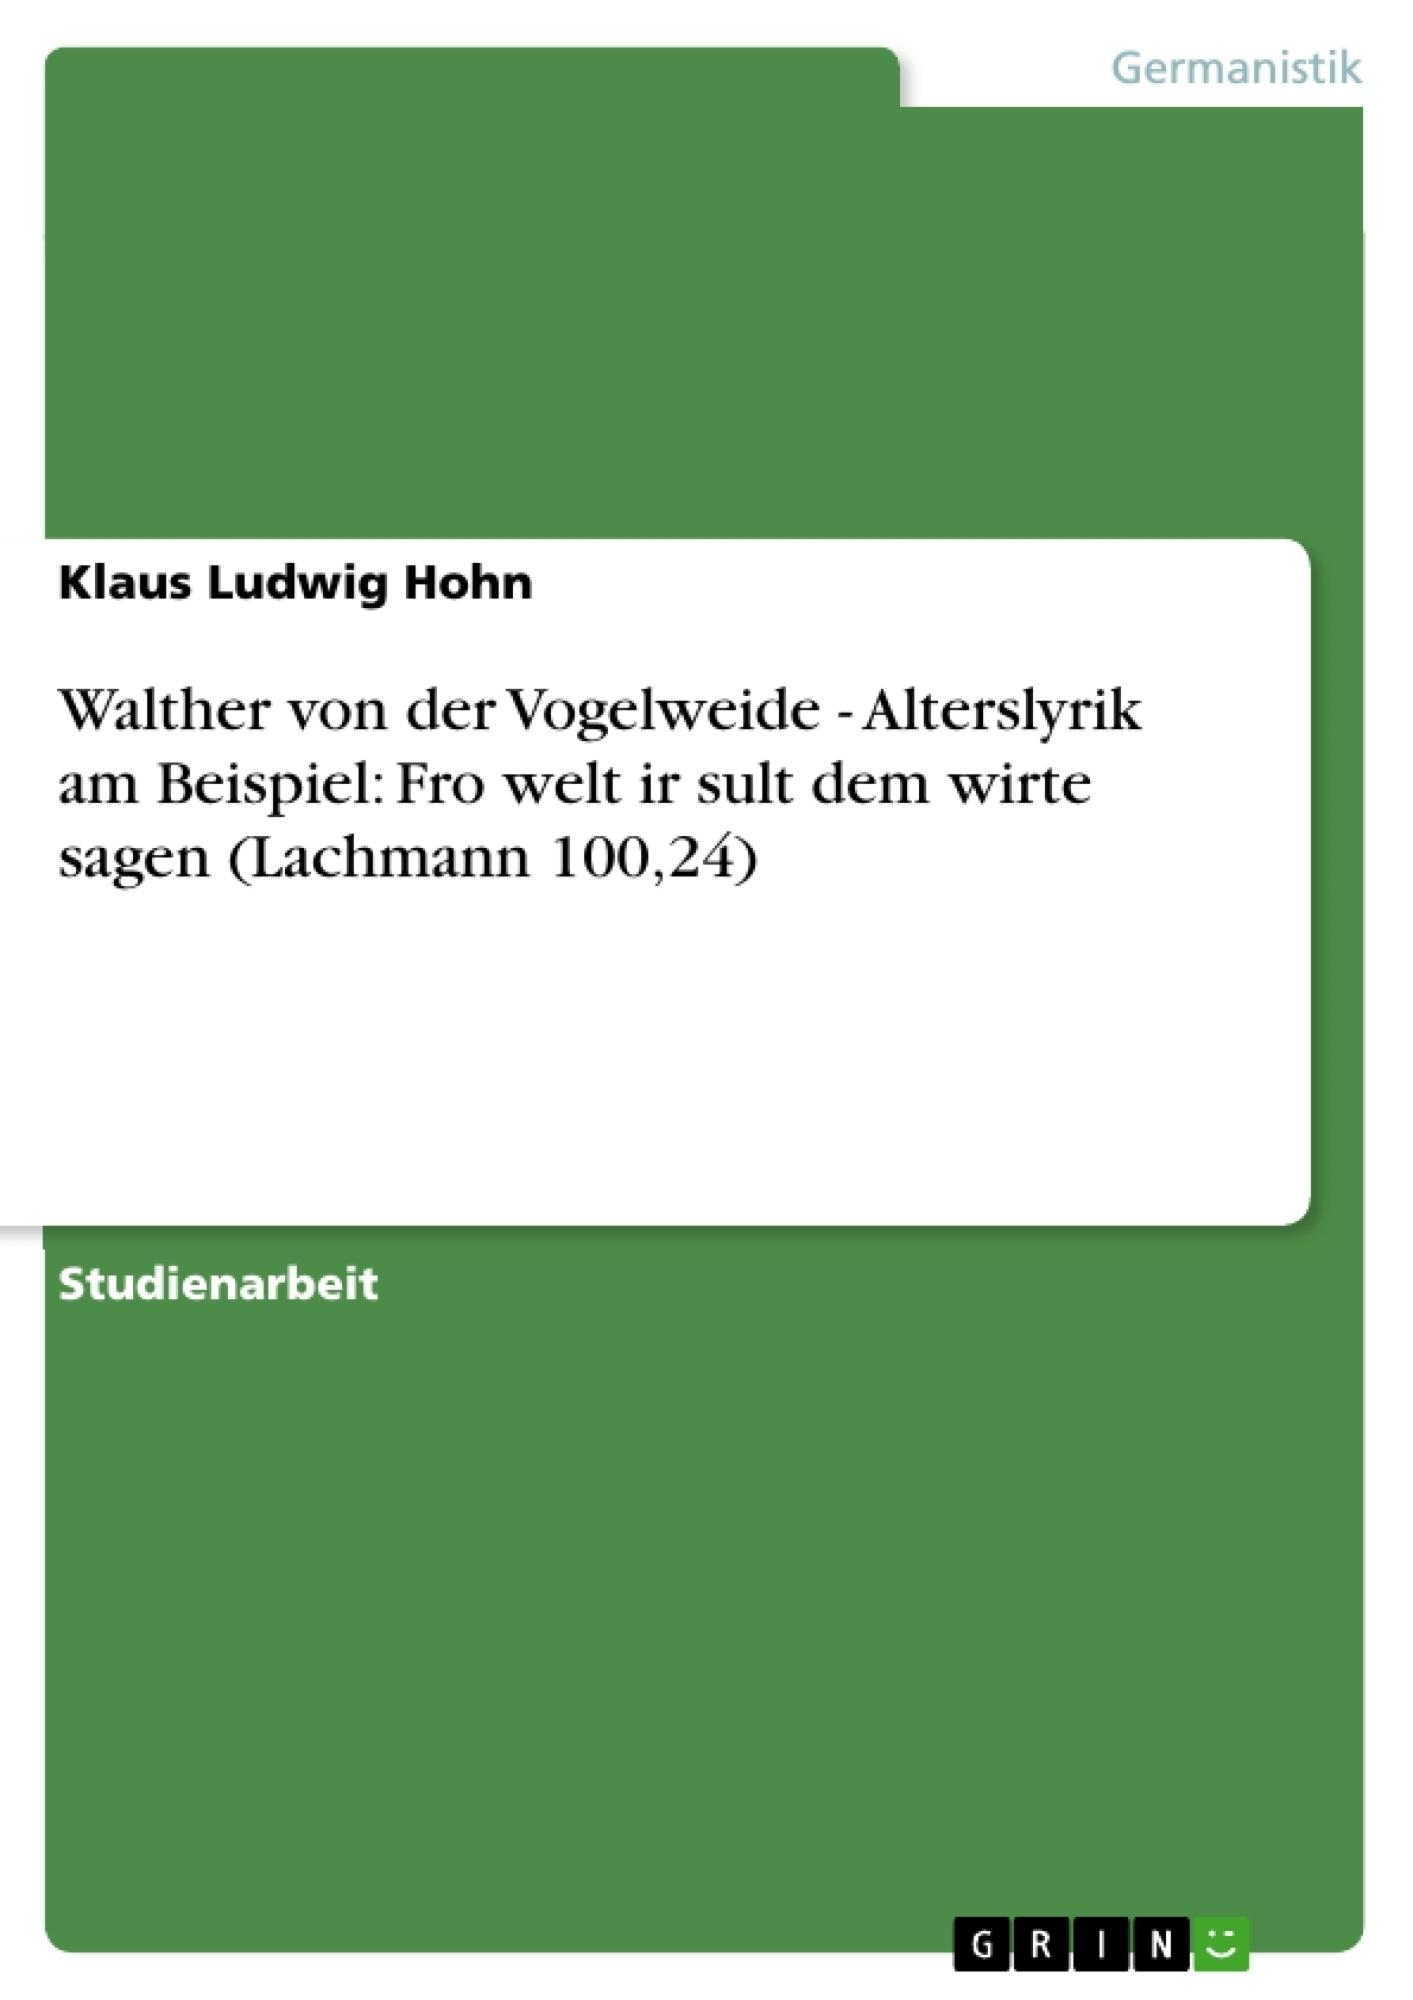 Titel: Walther von der Vogelweide - Alterslyrik am Beispiel:  Fro welt ir sult dem wirte sagen  (Lachmann 100,24)